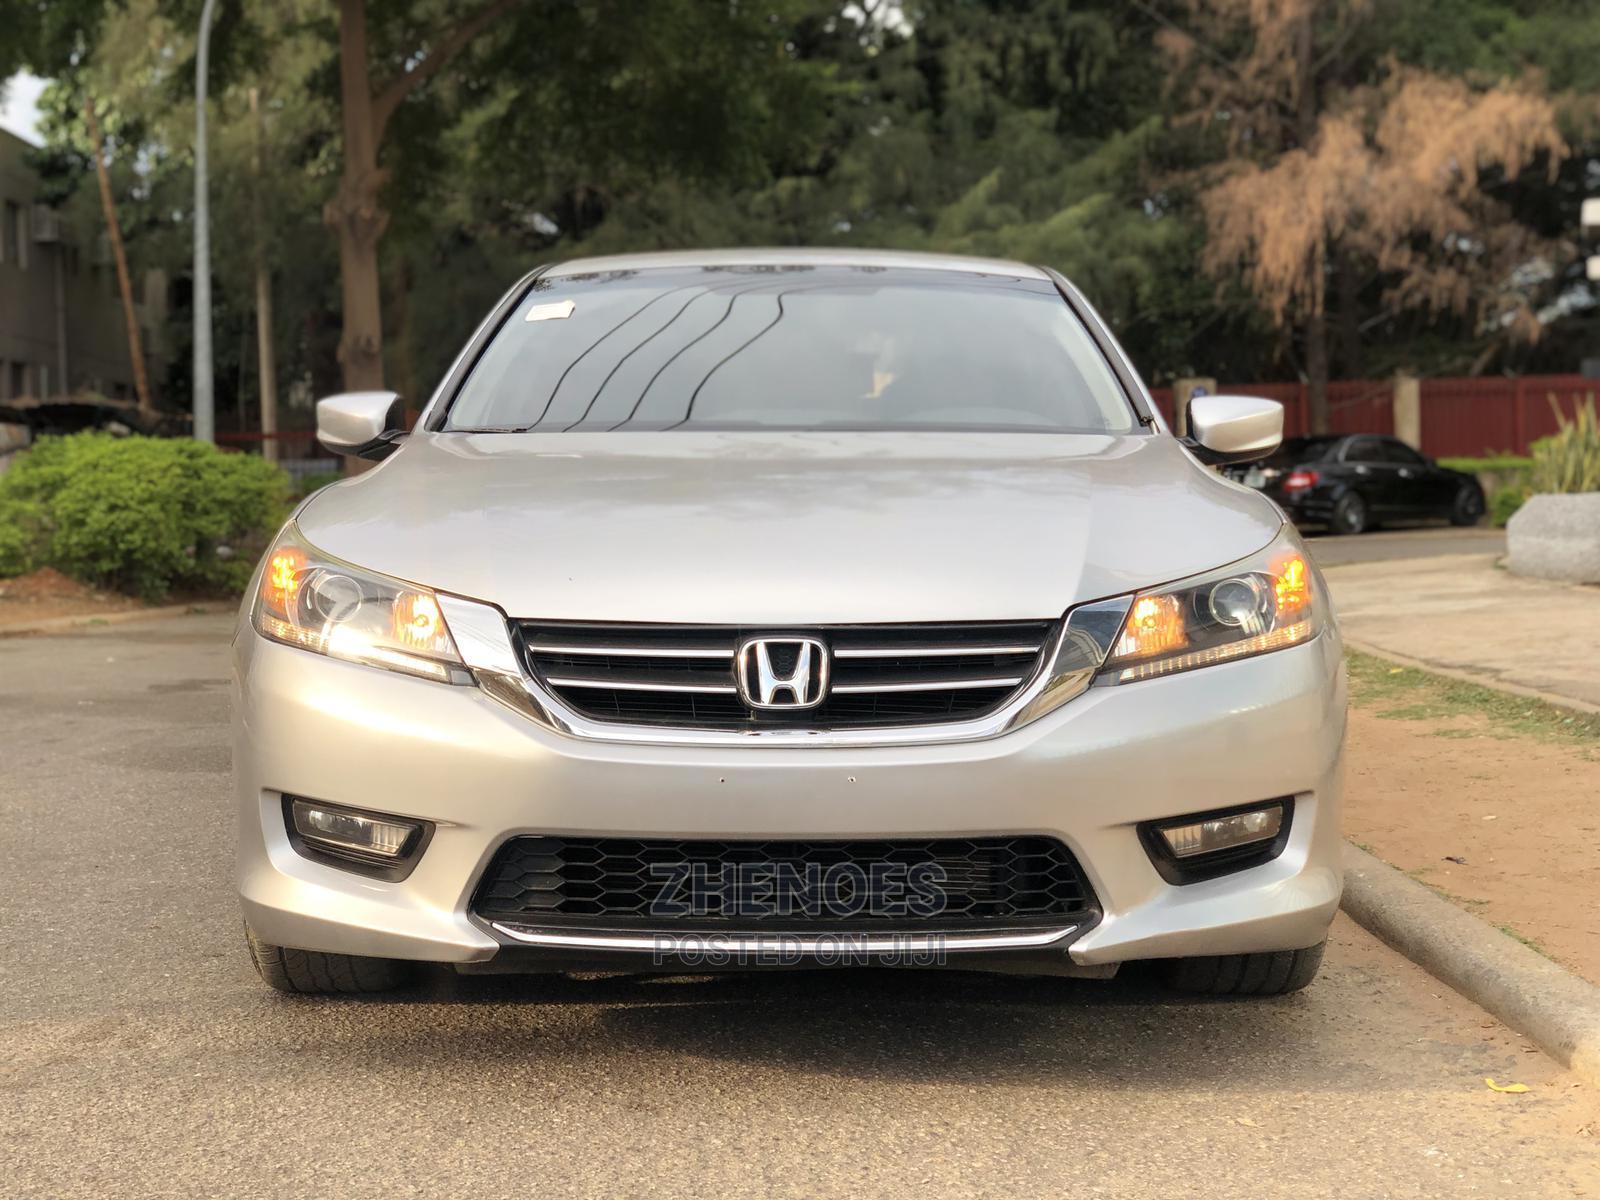 Archive: Honda Accord 2014 Silver